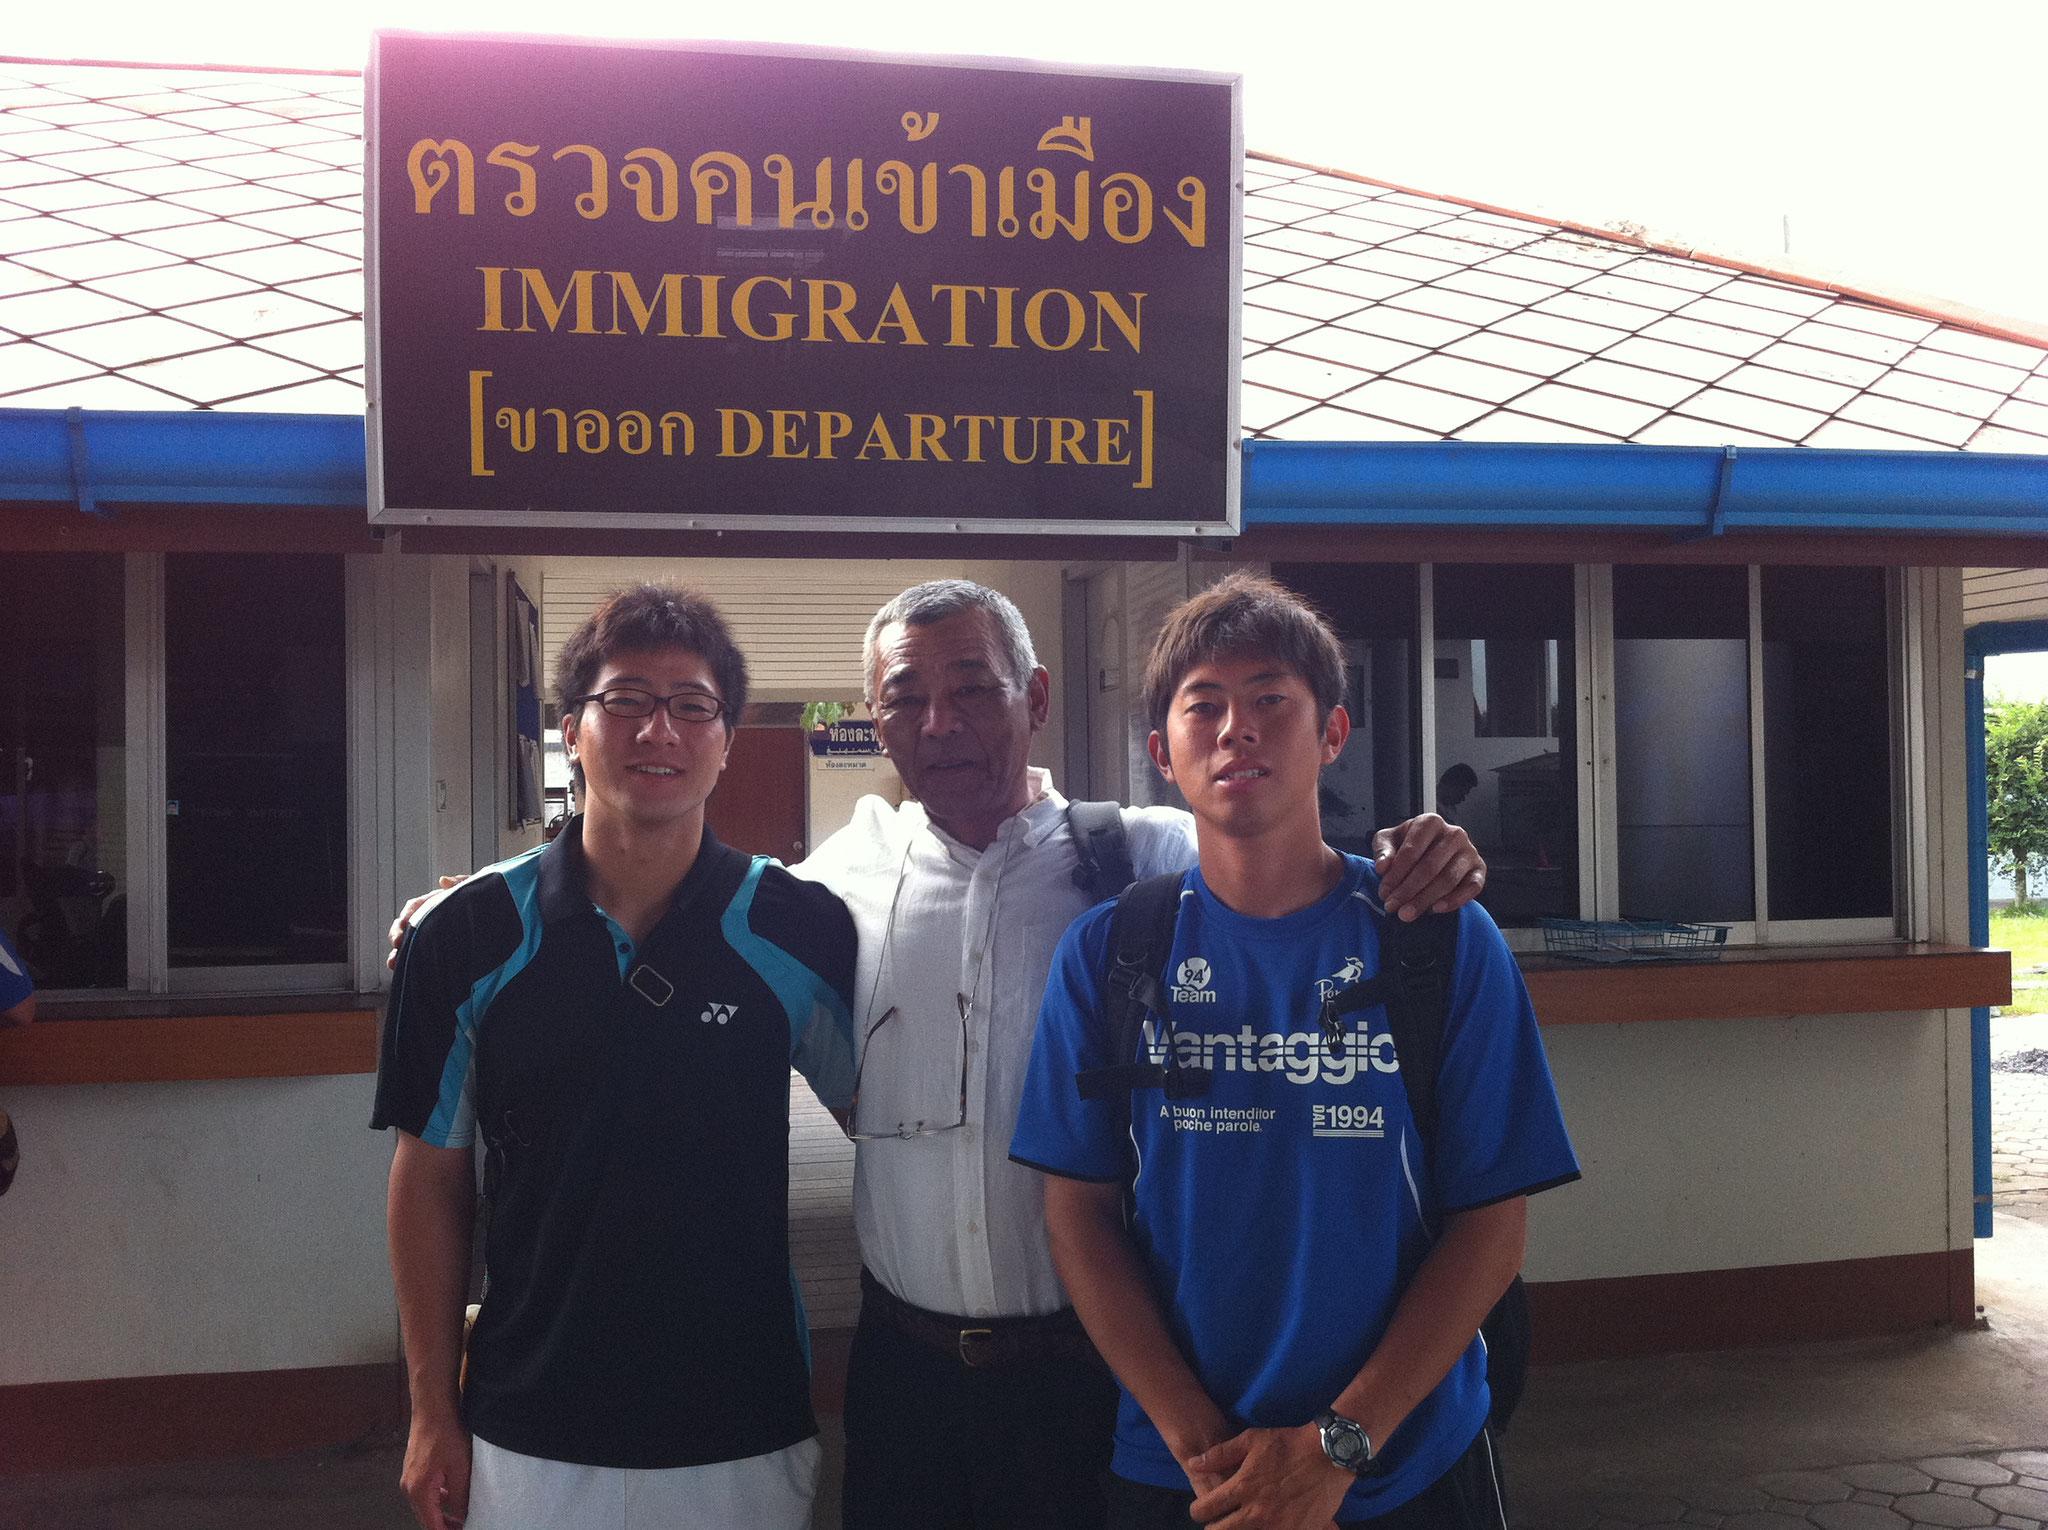 陸路移動でマレーシアへ旅立つ前に